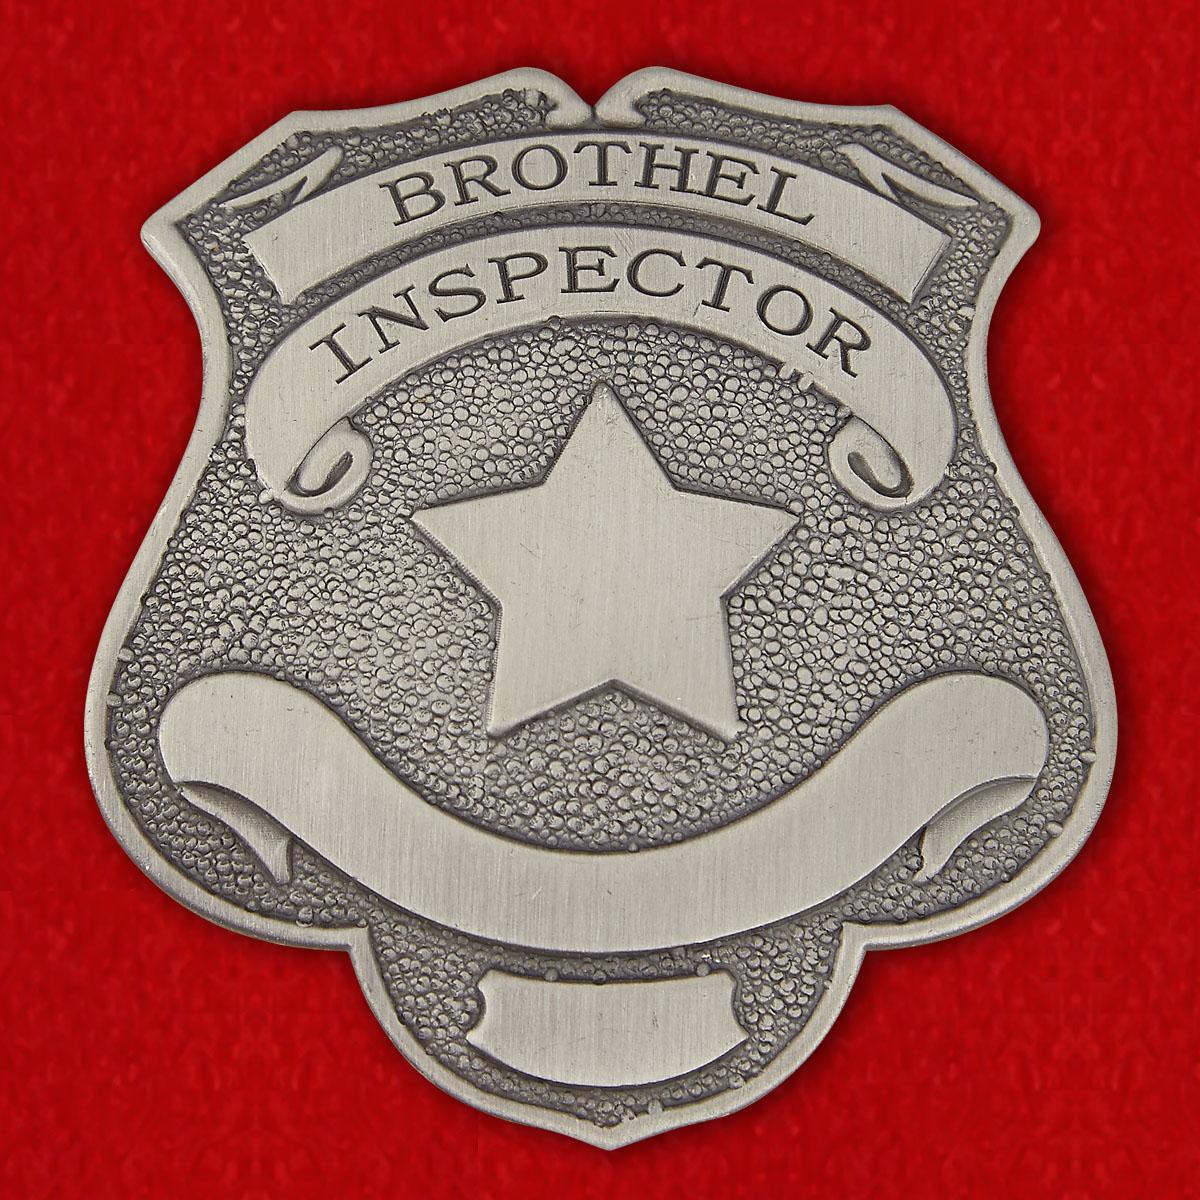 Brotchel Inspector Token